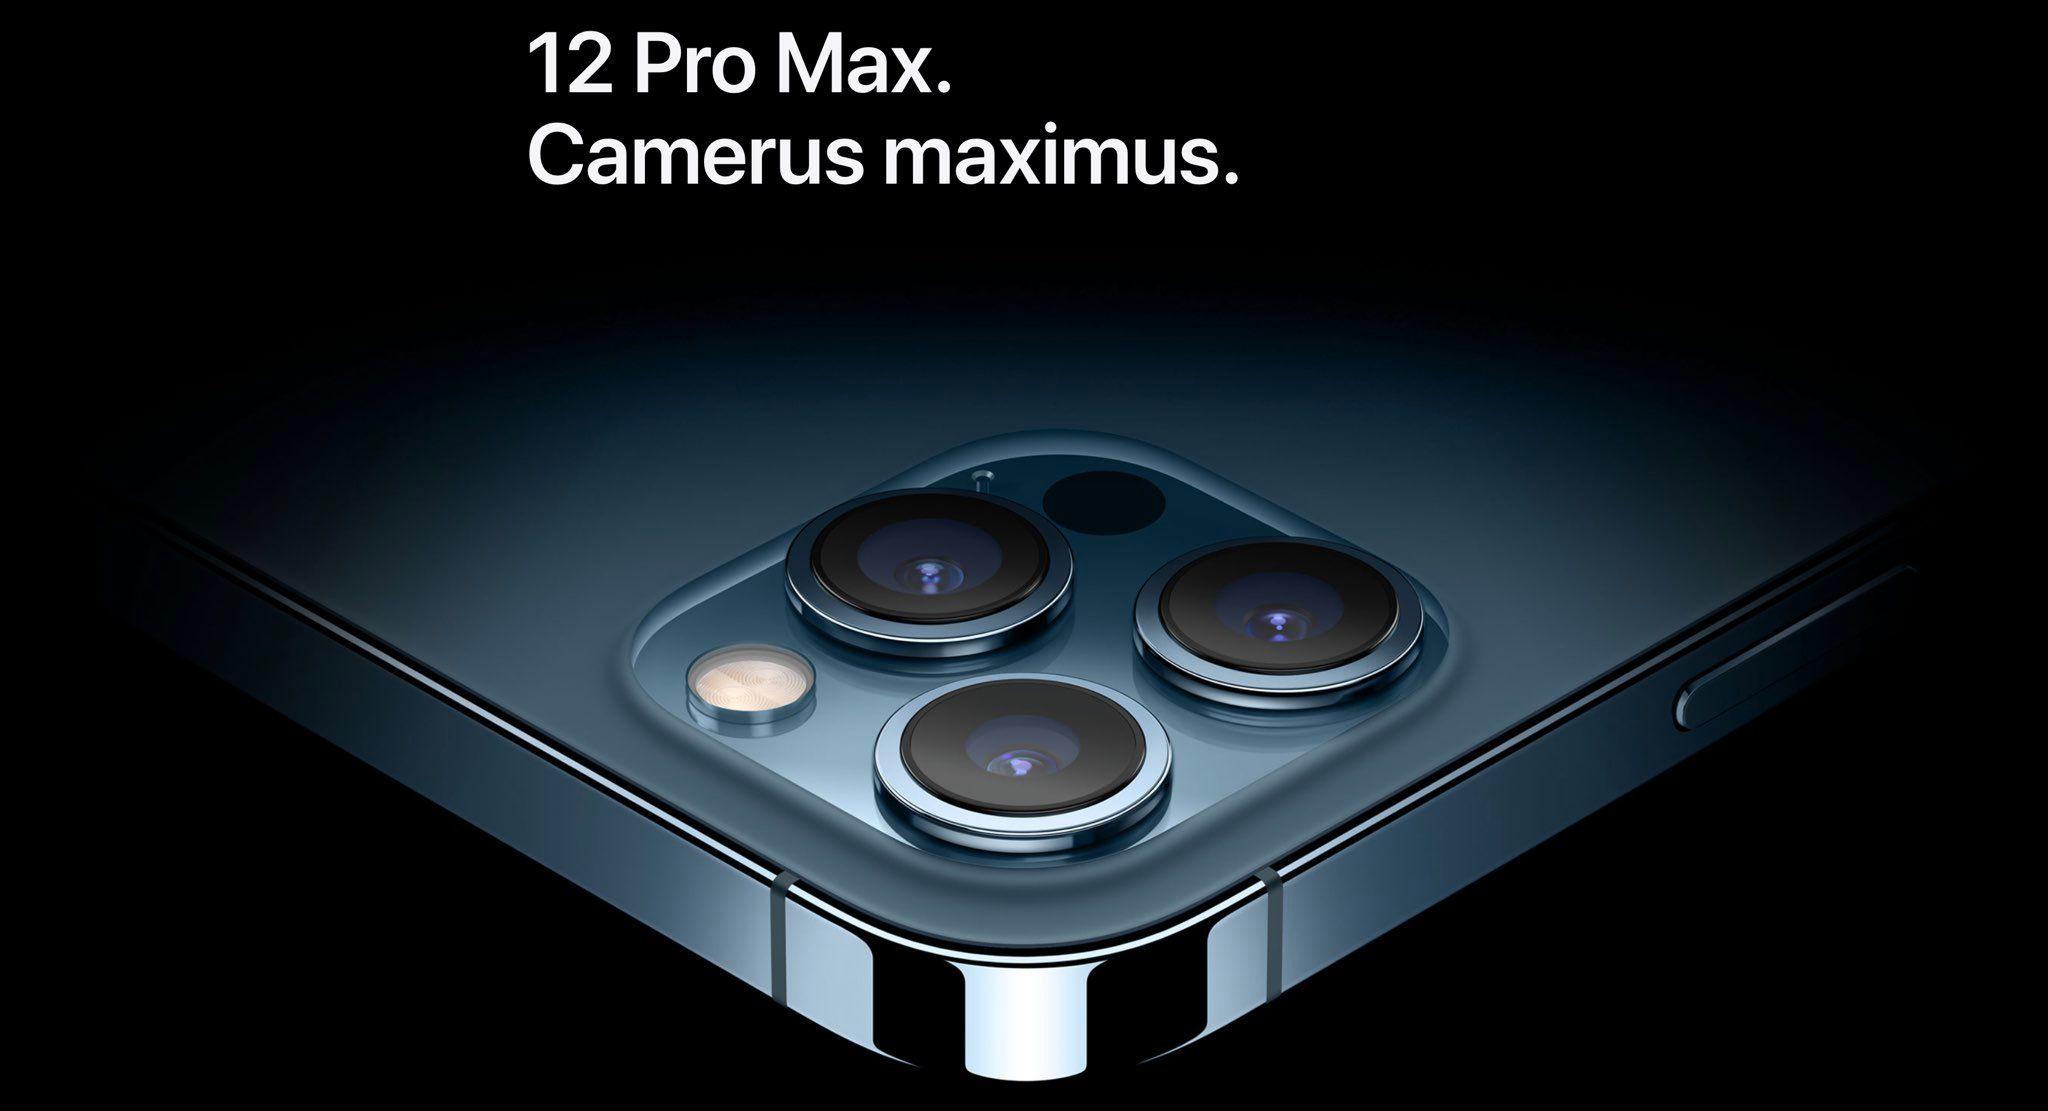 iPhone-12-Pro-Max-camerus-maximus-001-1.jpg